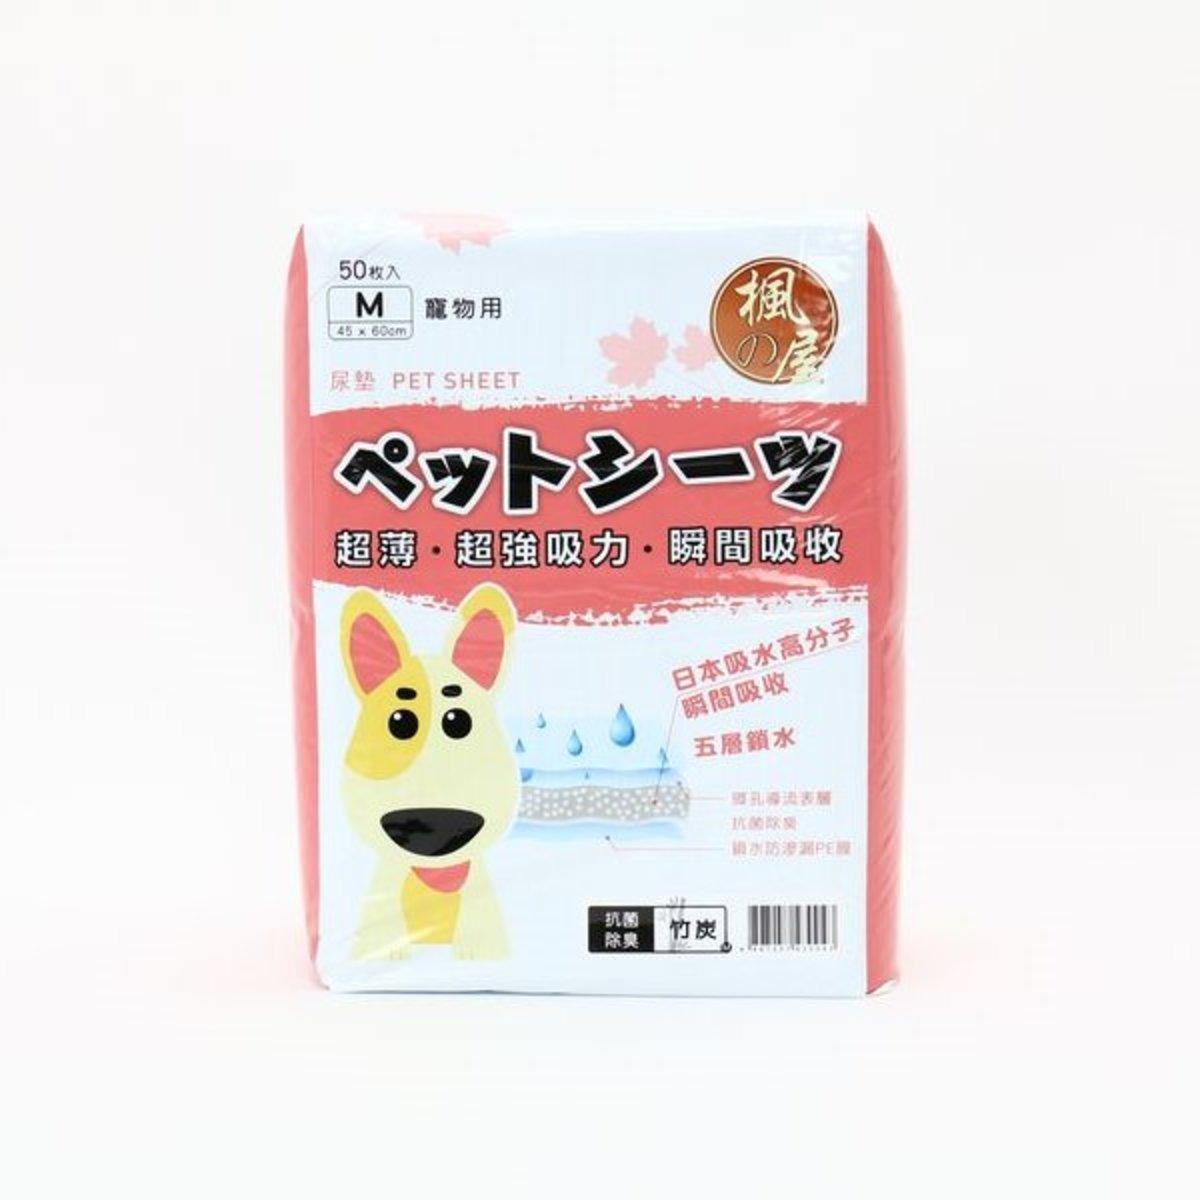 竹炭味衛生尿墊 50P 45x60cm